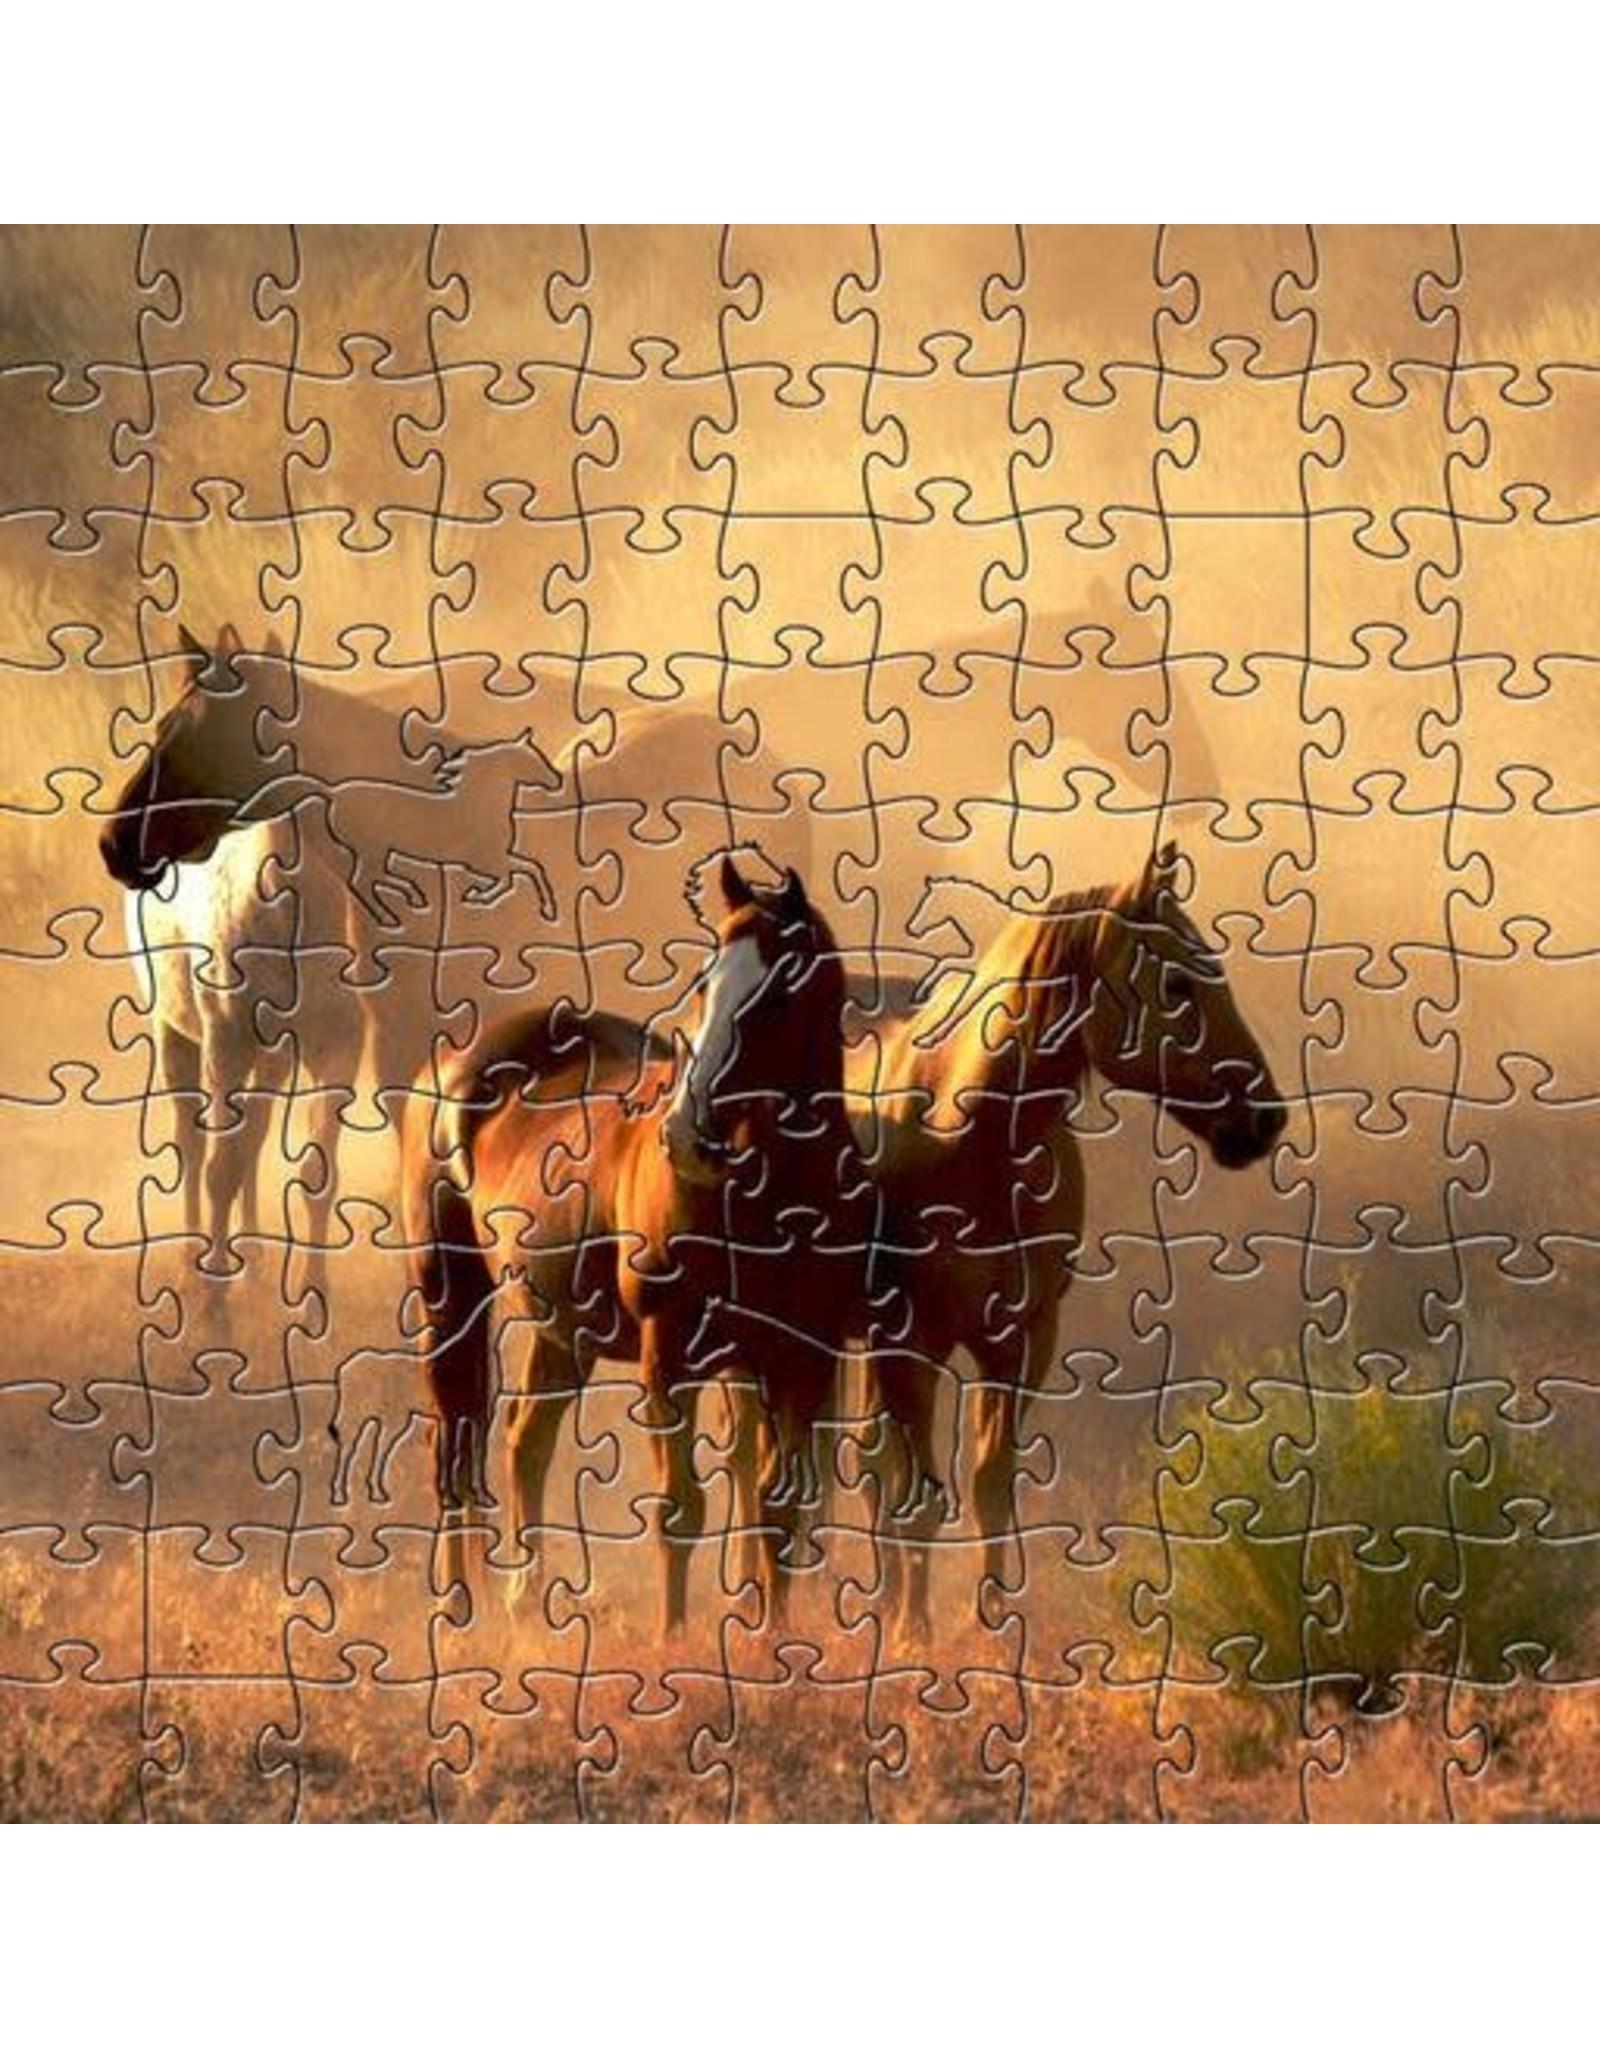 Zen Art & Design Peaceful Gathering (Teaser, 50 Pieces, Artisanal Wooden Jigsaw Puzzle)